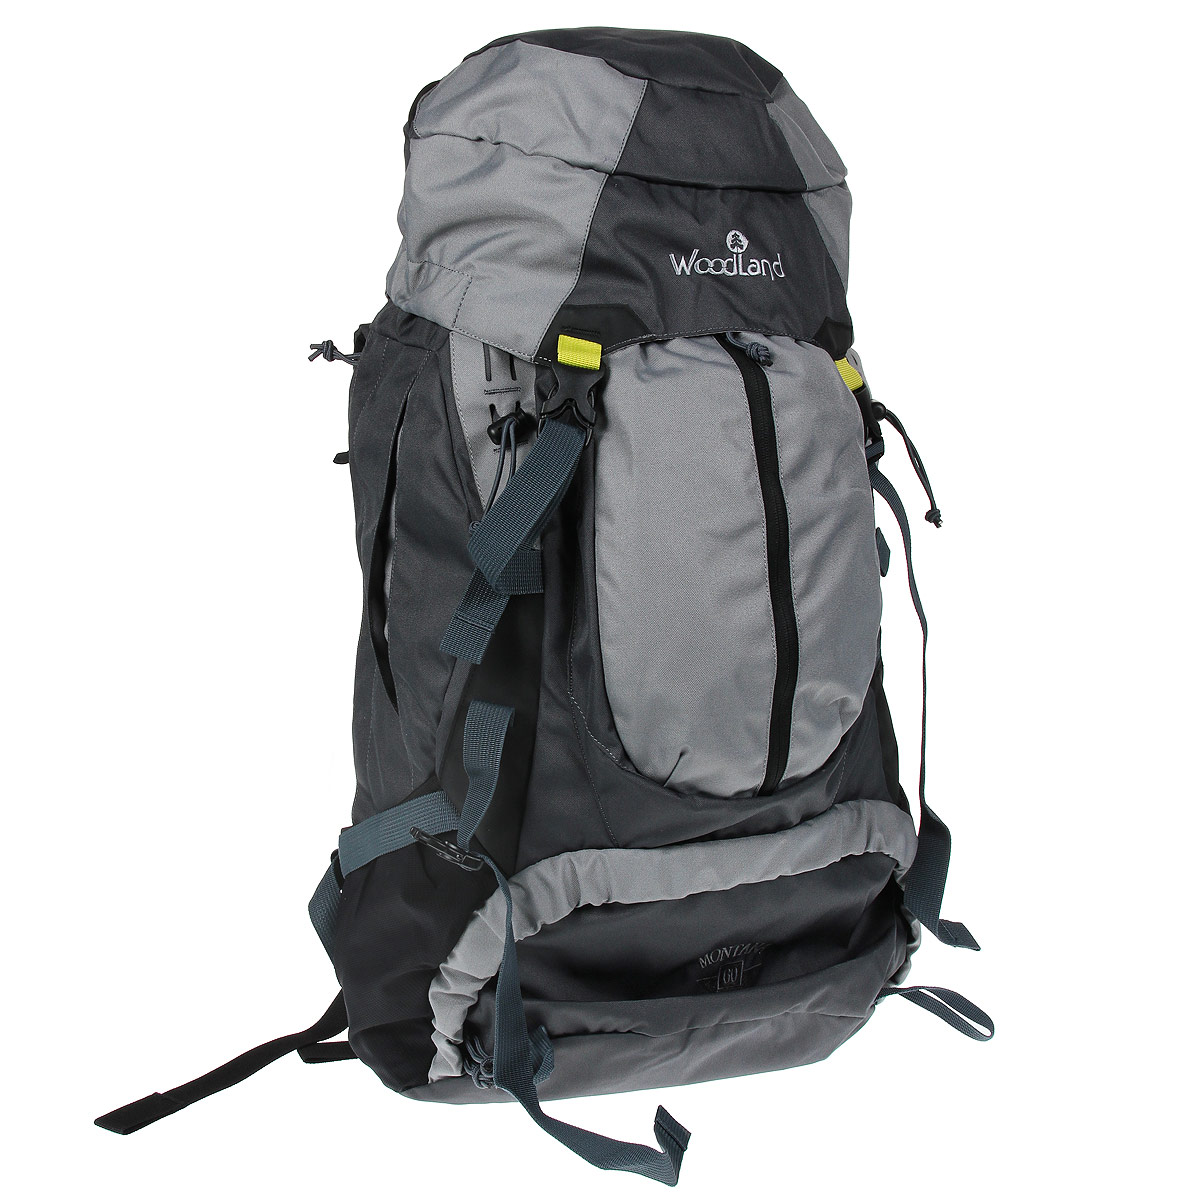 Рюкзак WoodLand Mountana 60, цвет: черный, серый